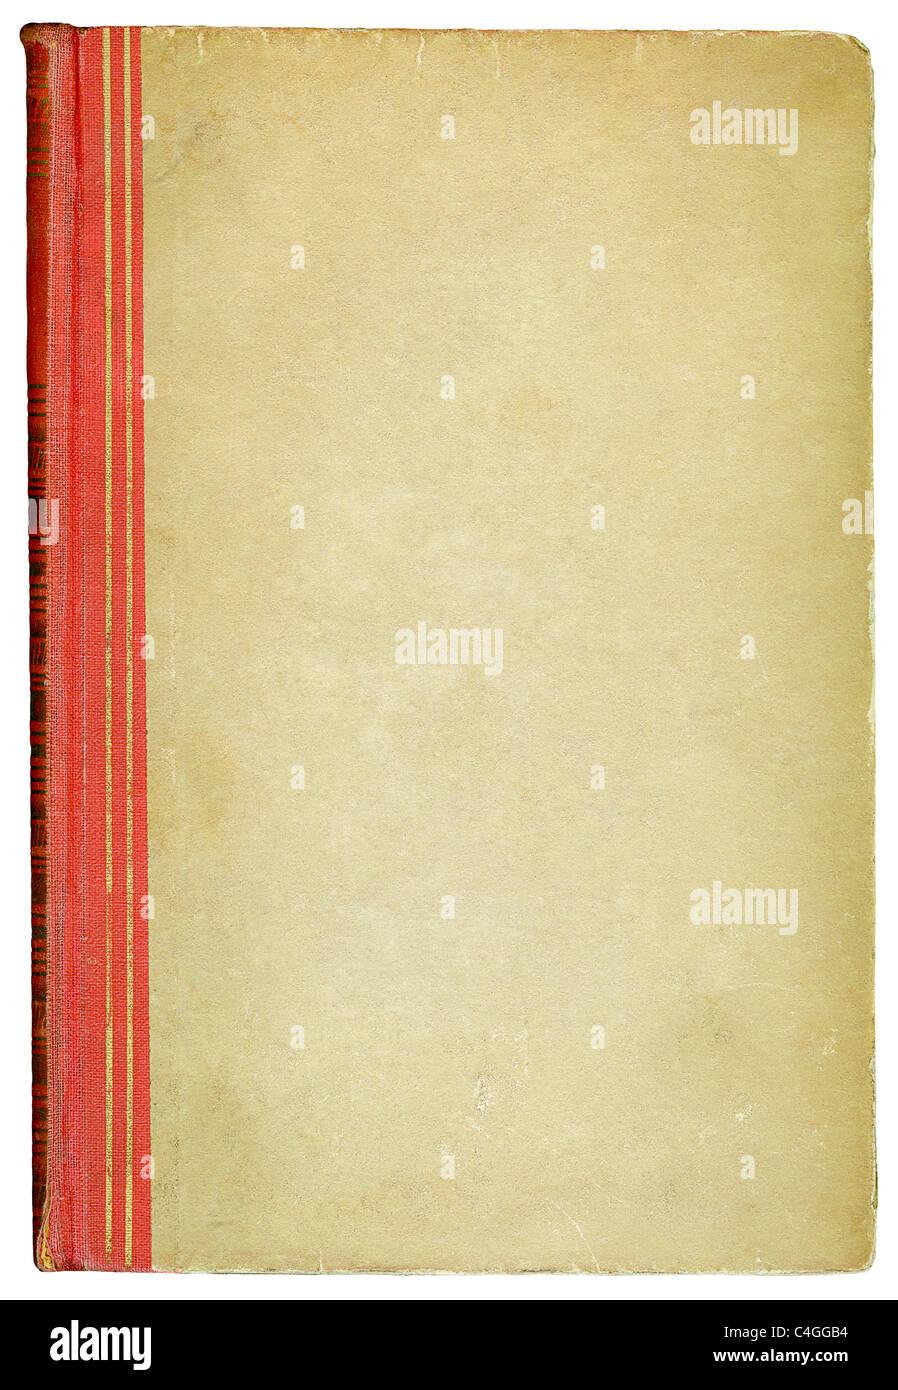 Vecchia copertina di libro Immagini Stock